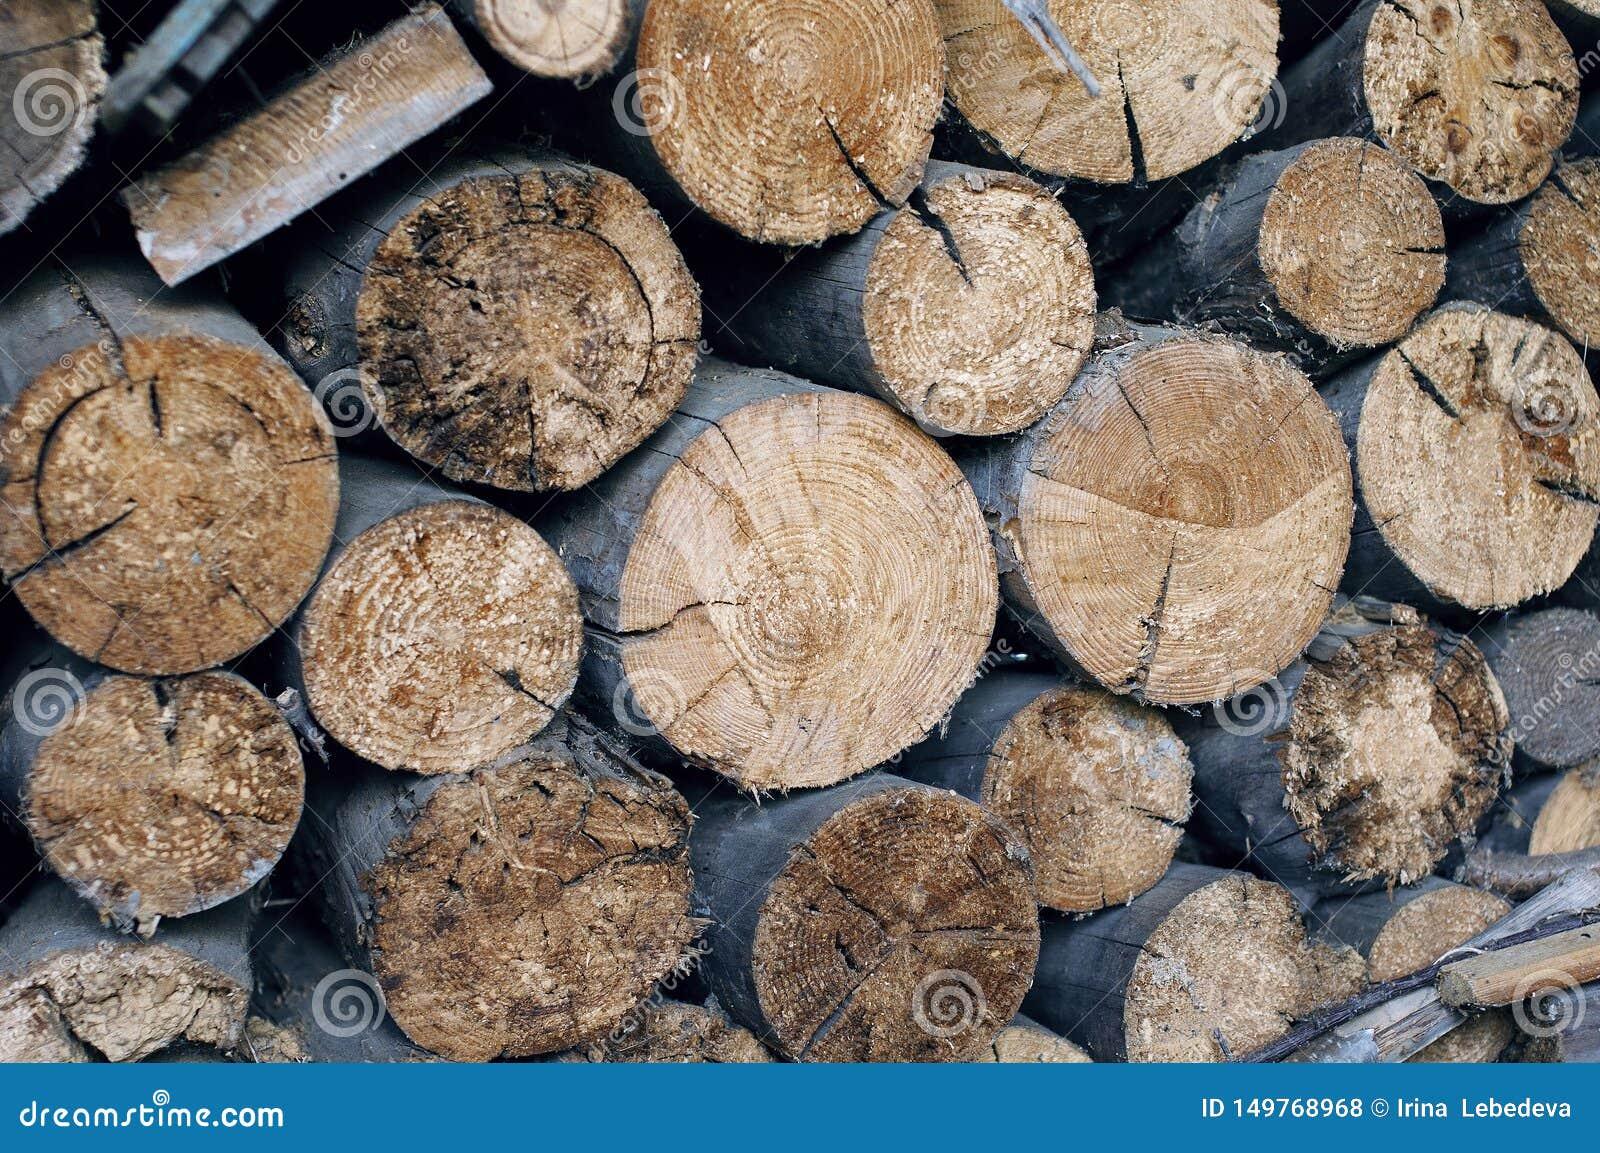 Καταρριφθε ντα δέντρα, το οποίο είναι ορατή περικοπή και 1χρονα δαχτυλίδια